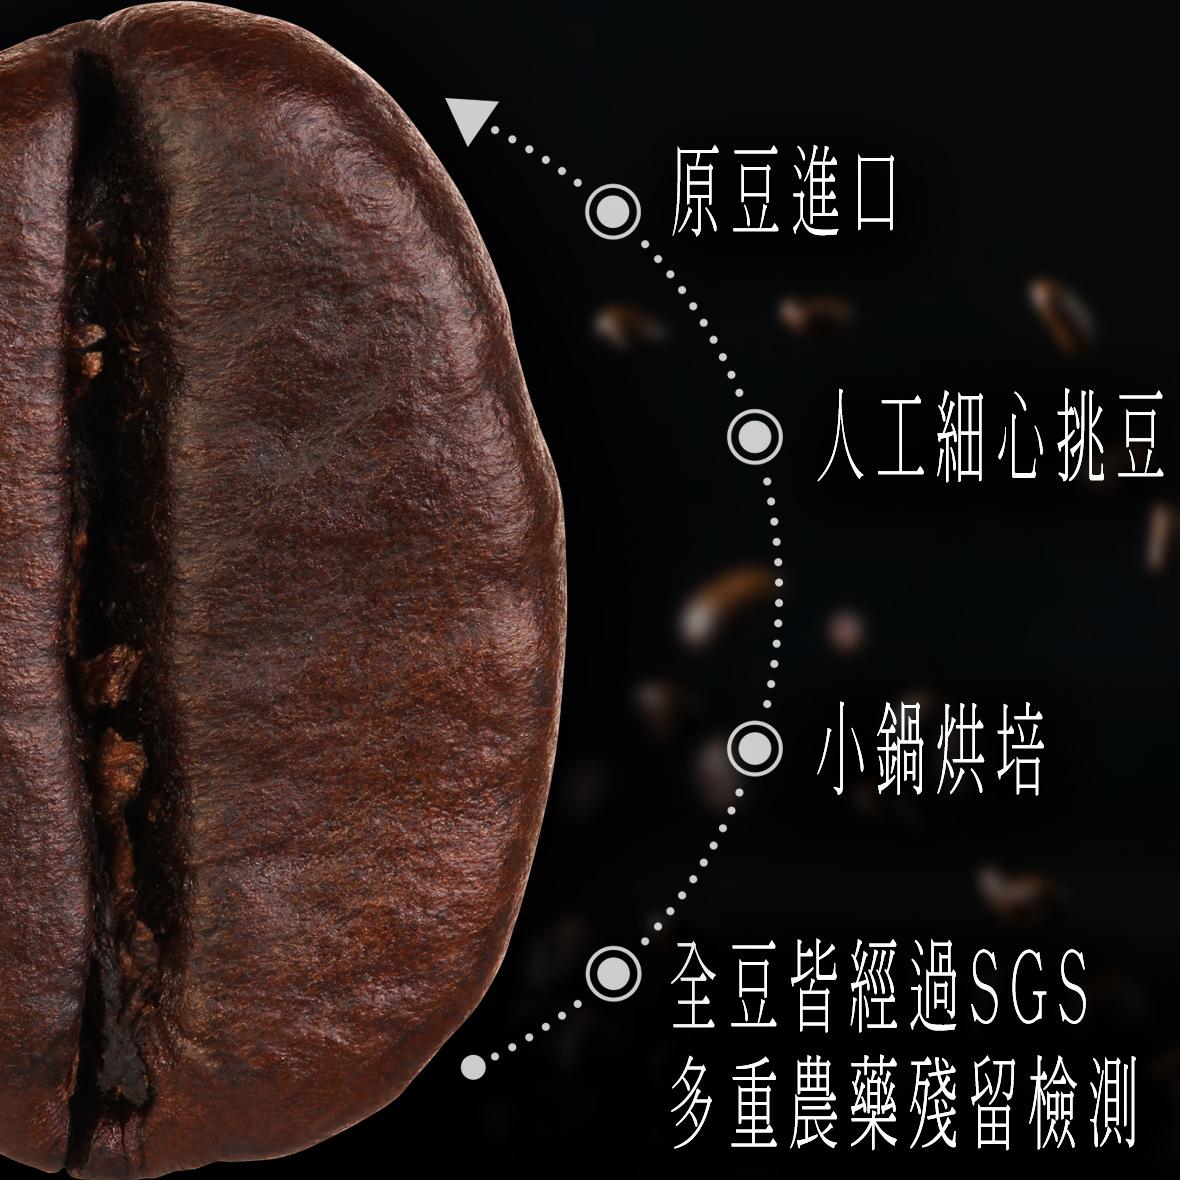 嚴選砥家-黑鑲金咖啡-多明尼加墨翠咖啡豆